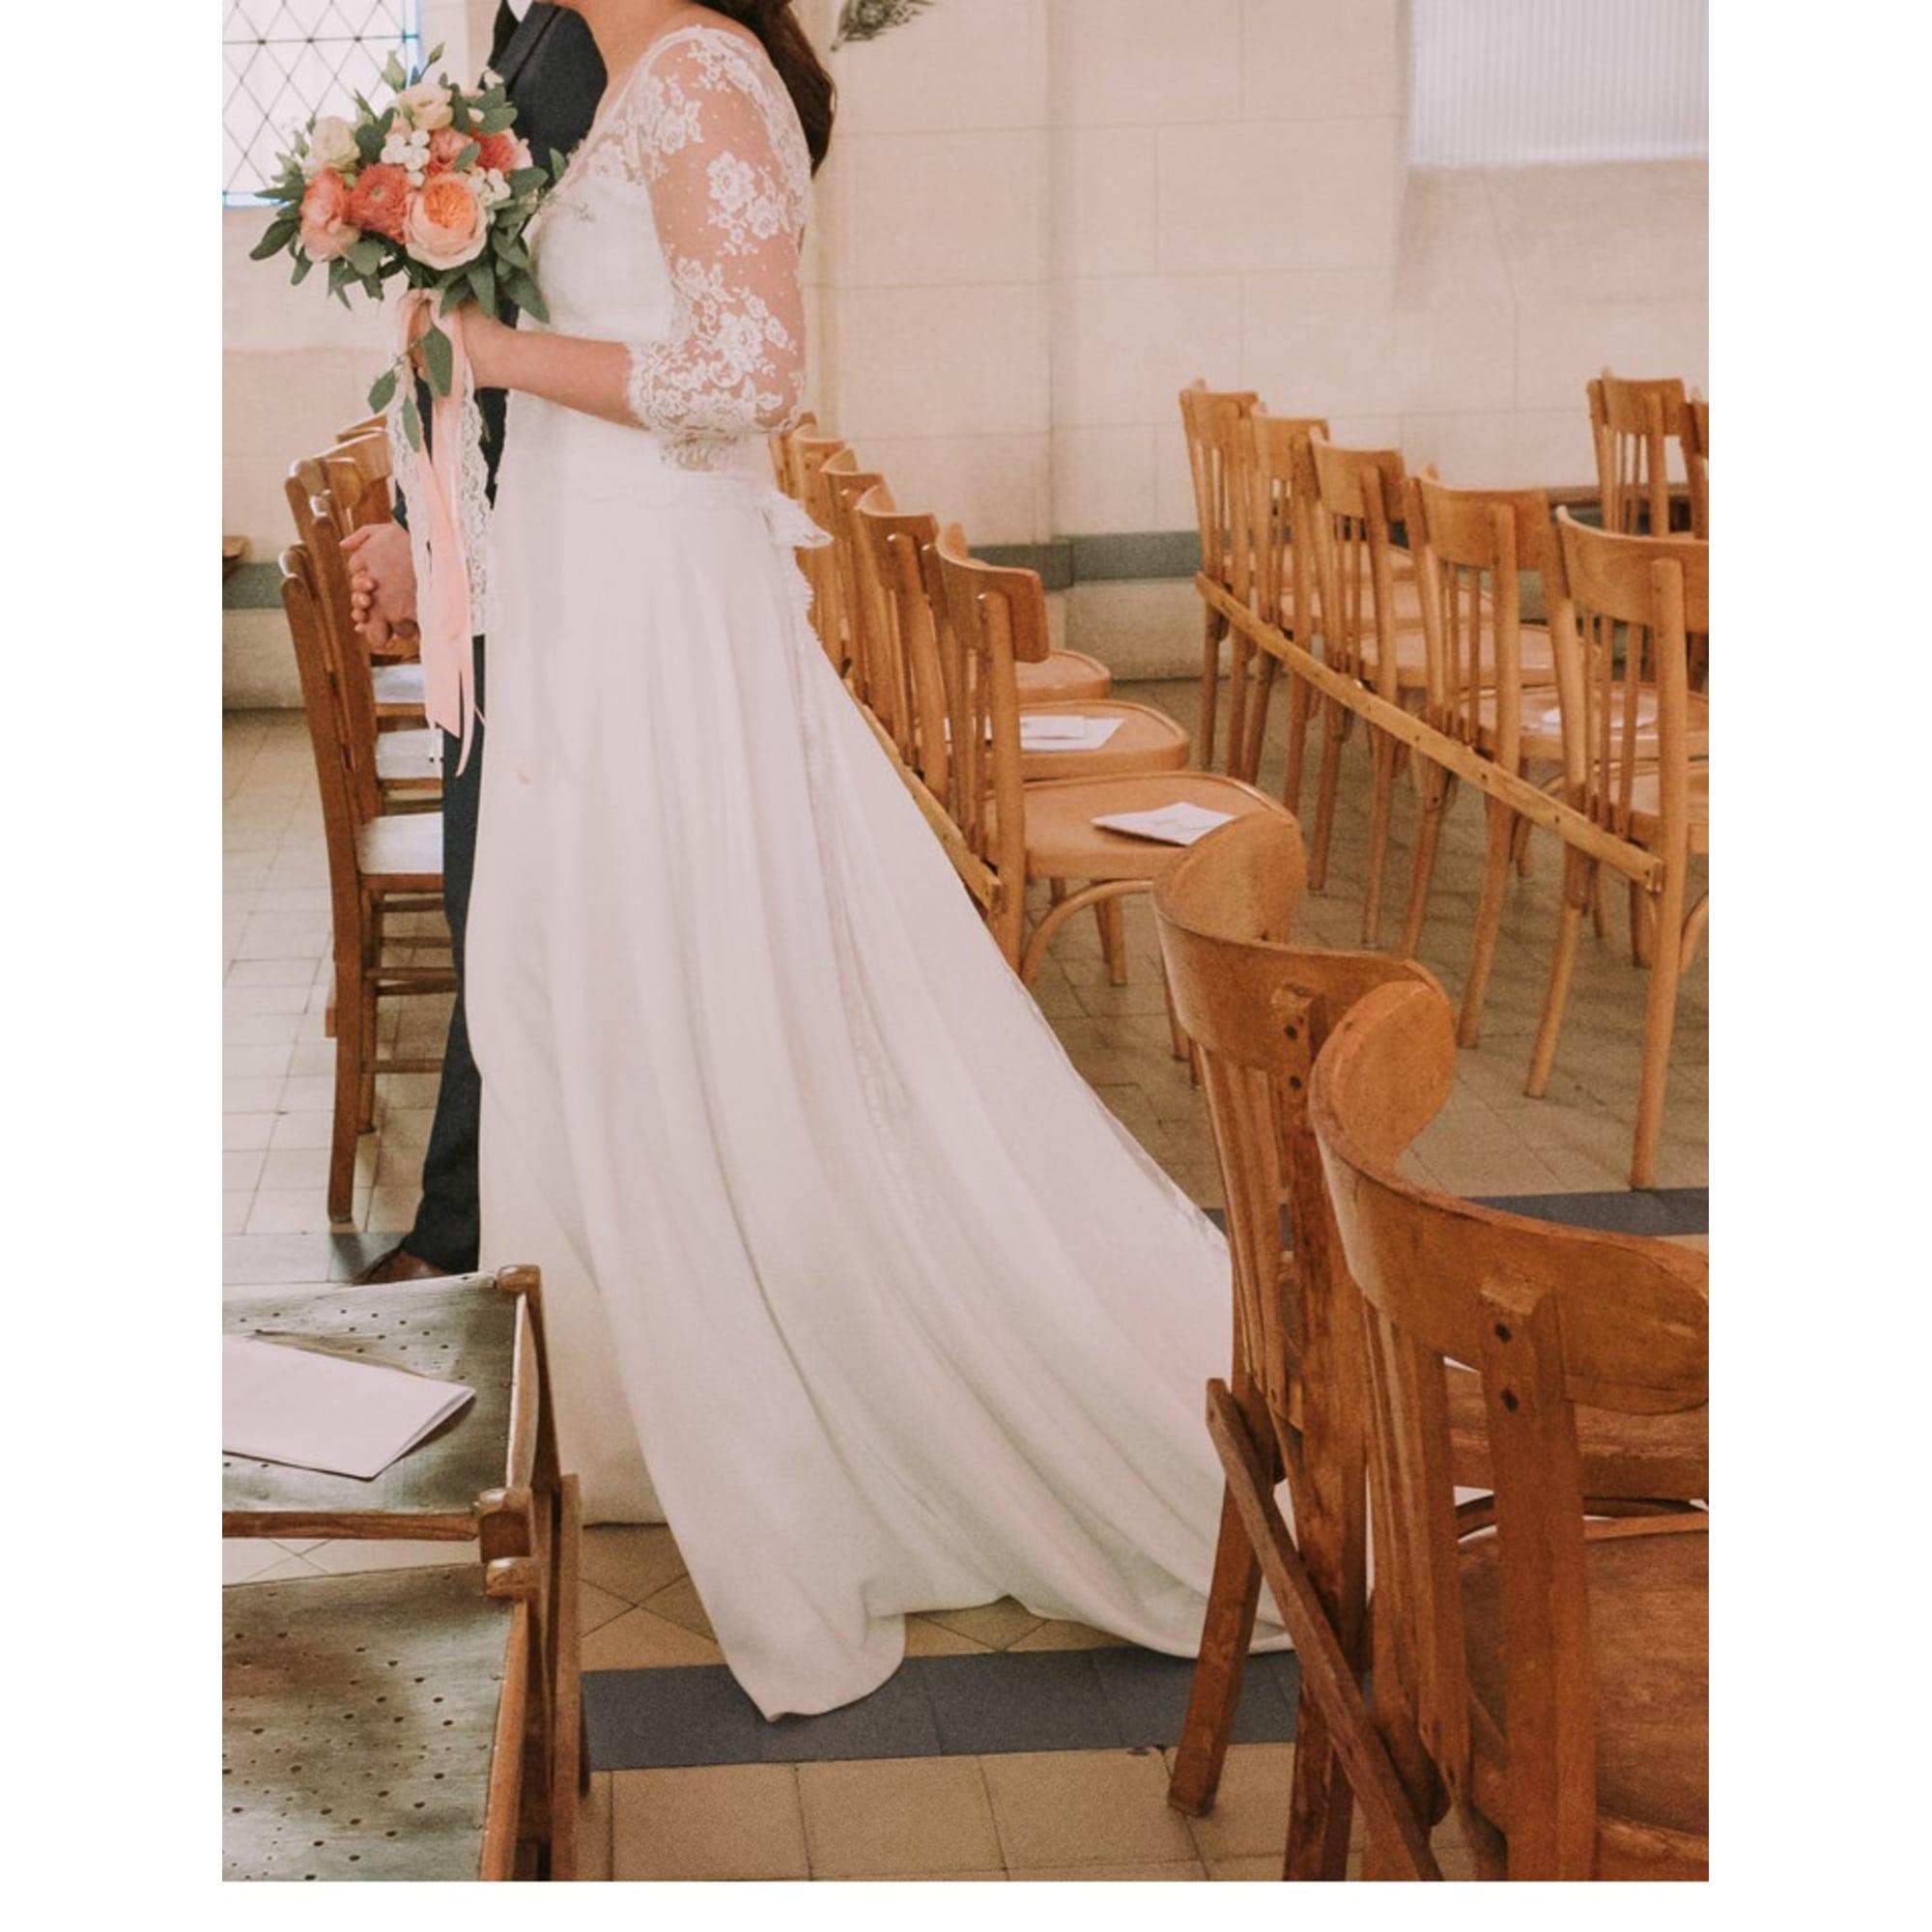 de2e6538b91c3 Robe de mariée MARIE LAPORTE 38 (M